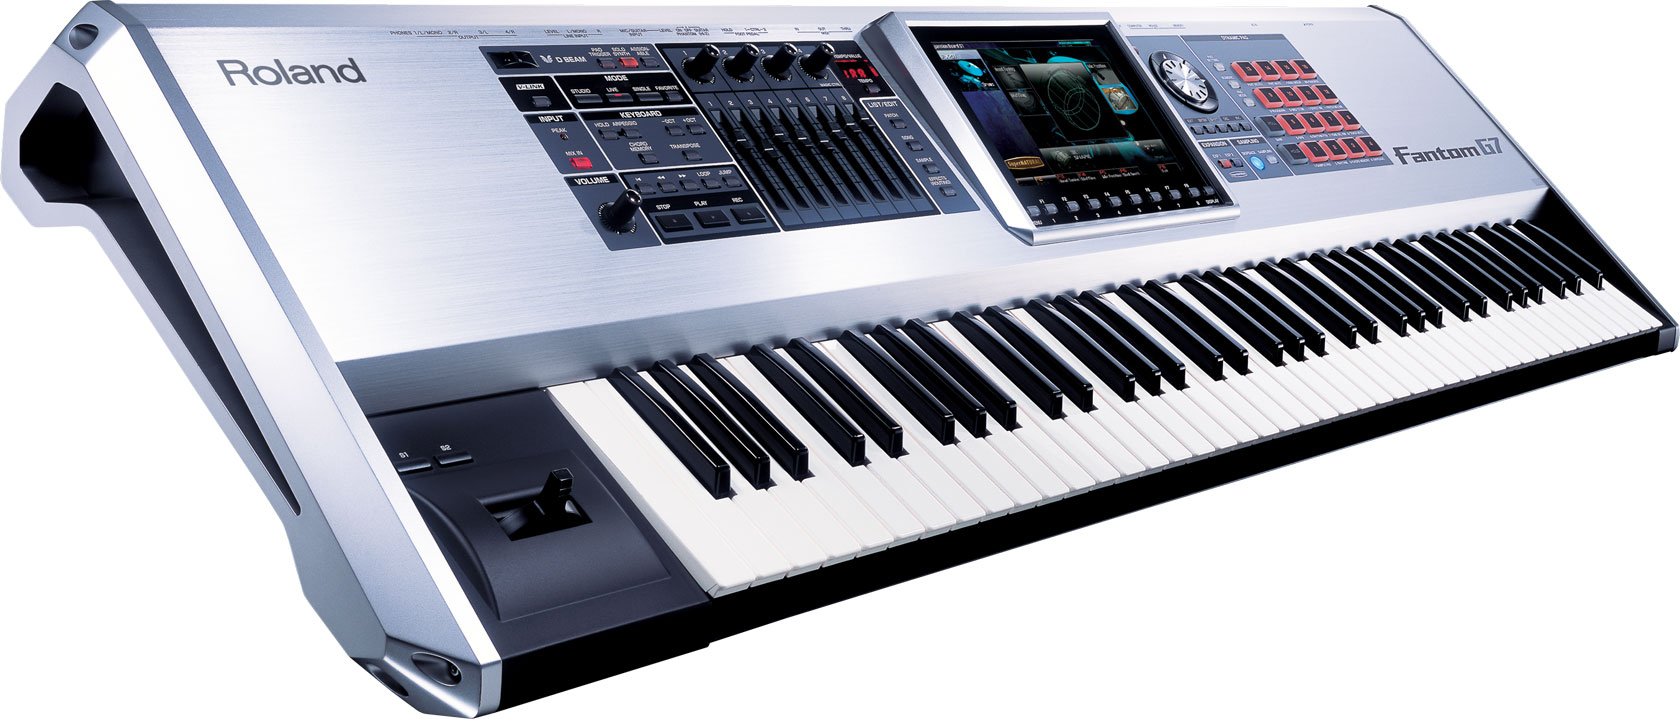 Roland Fantom G7 Workstation Keyboard